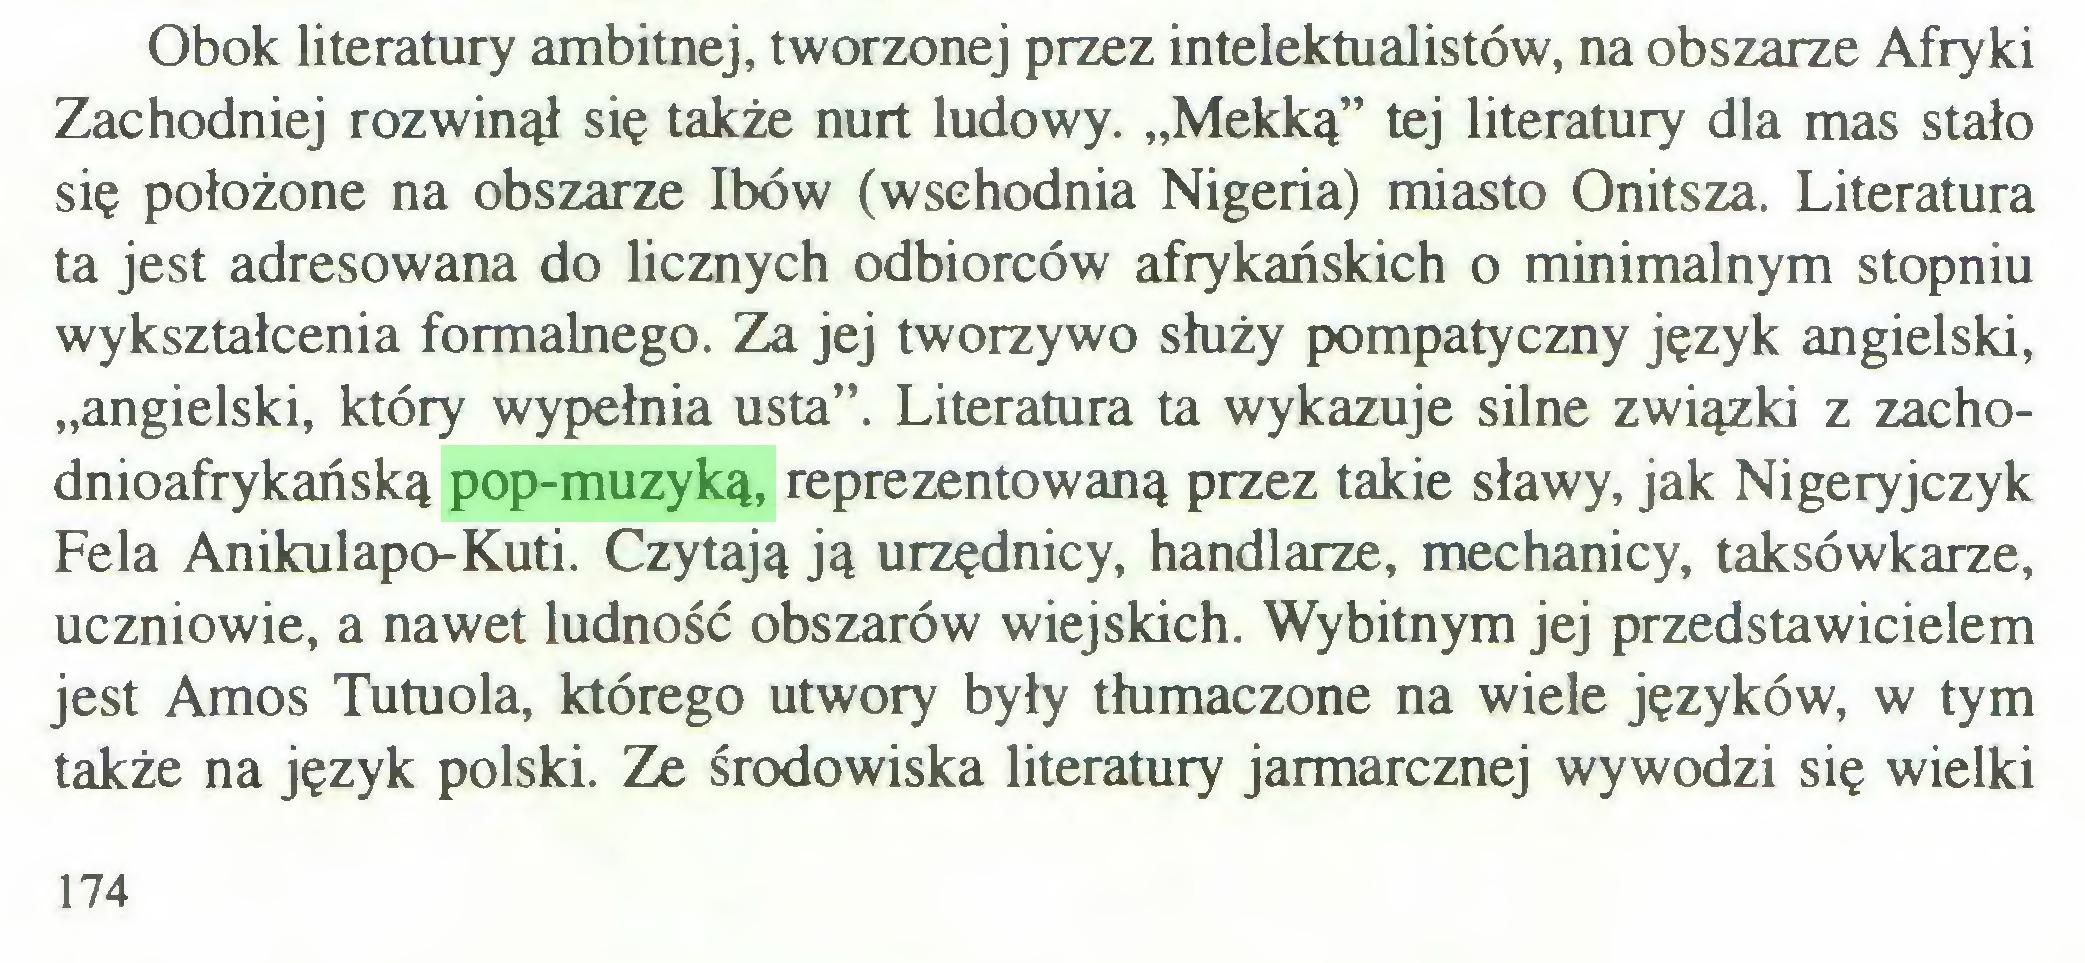 """(...) Obok literatury ambitnej, tworzonej przez intelektualistów, na obszarze Afryki Zachodniej rozwinął się także nurt ludowy. """"Mekką"""" tej literatury dla mas stało się położone na obszarze łbów (wschodnia Nigeria) miasto Onitsza. Literatura ta jest adresowana do licznych odbiorców afrykańskich o minimalnym stopniu wykształcenia formalnego. Za jej tworzywo służy pompatyczny język angielski, """"angielski, który wypełnia usta"""". Literatura ta wykazuje silne związki z zachodnioafrykańską pop-muzyką, reprezentowaną przez takie sławy, jak Nigeryjczyk Fela Anikulapo-Kuti. Czytają ją urzędnicy, handlarze, mechanicy, taksówkarze, uczniowie, a nawet ludność obszarów wiejskich. Wybitnym jej przedstawicielem jest Amos Tutuola, którego utwory były tłumaczone na wiele języków, w tym także na język polski. Ze środowiska literatury jarmarcznej wywodzi się wielki 174..."""